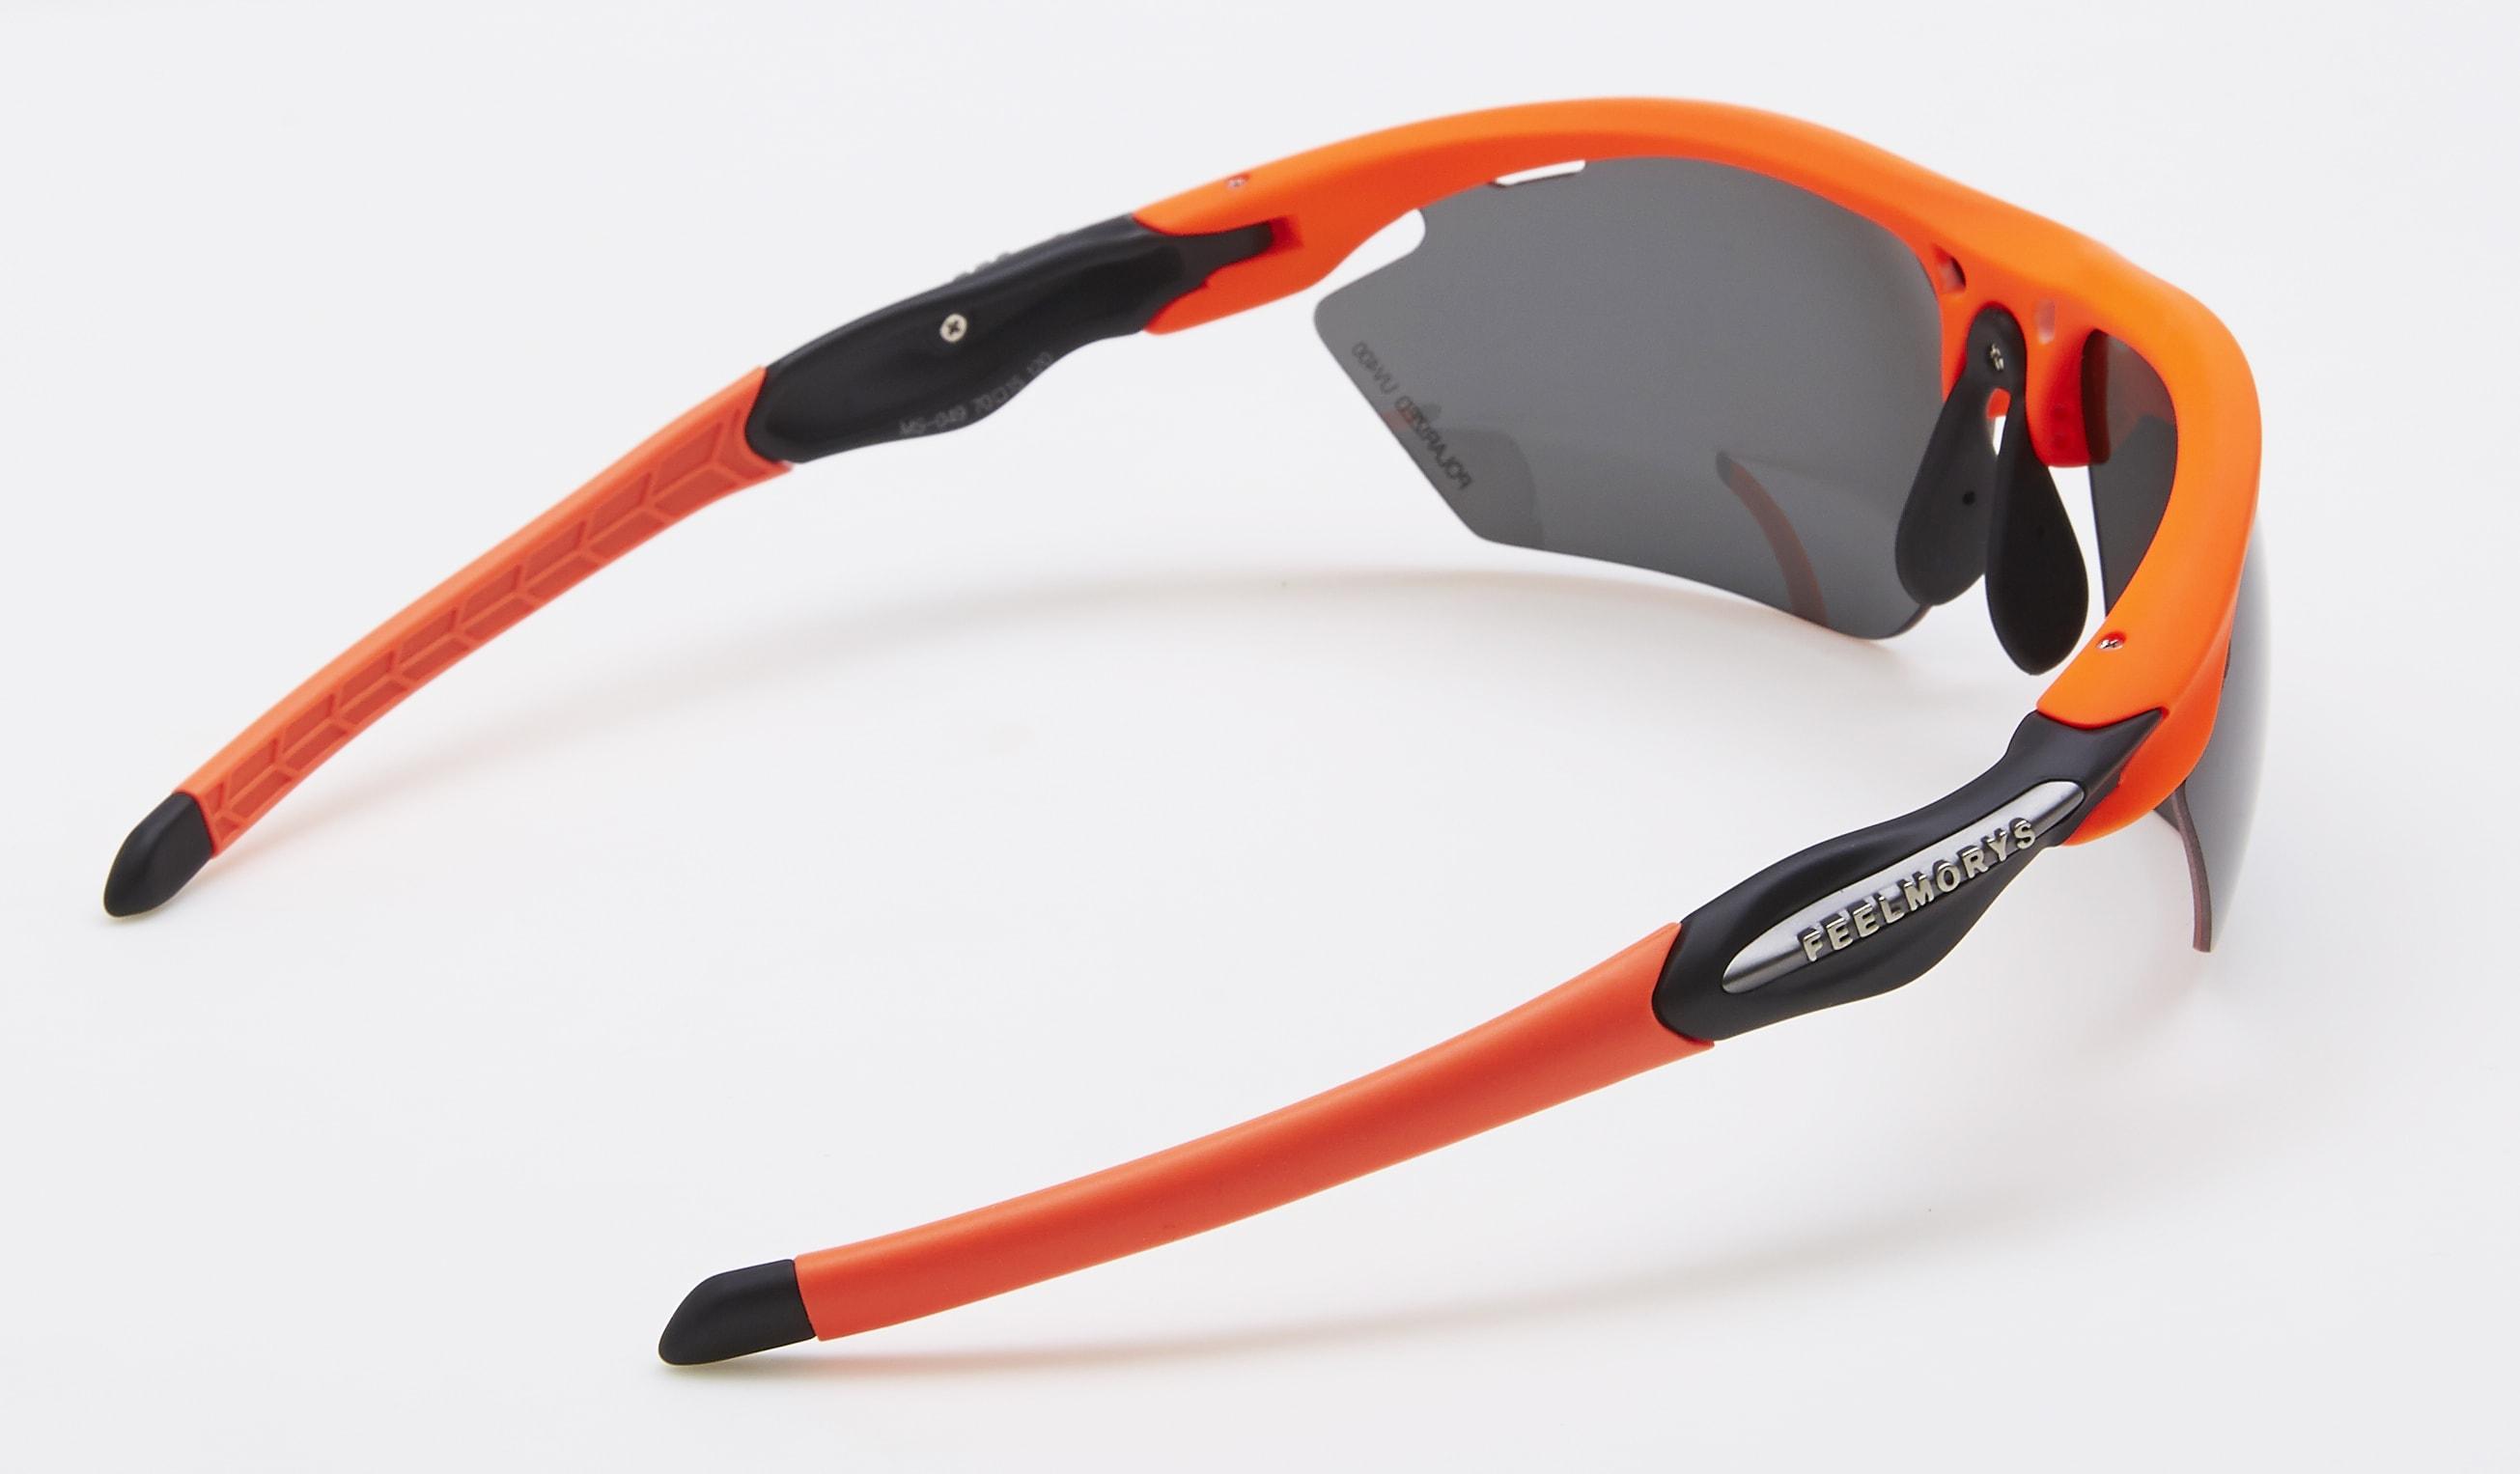 trasera feel morys ms-049 negra orange trans polarizada